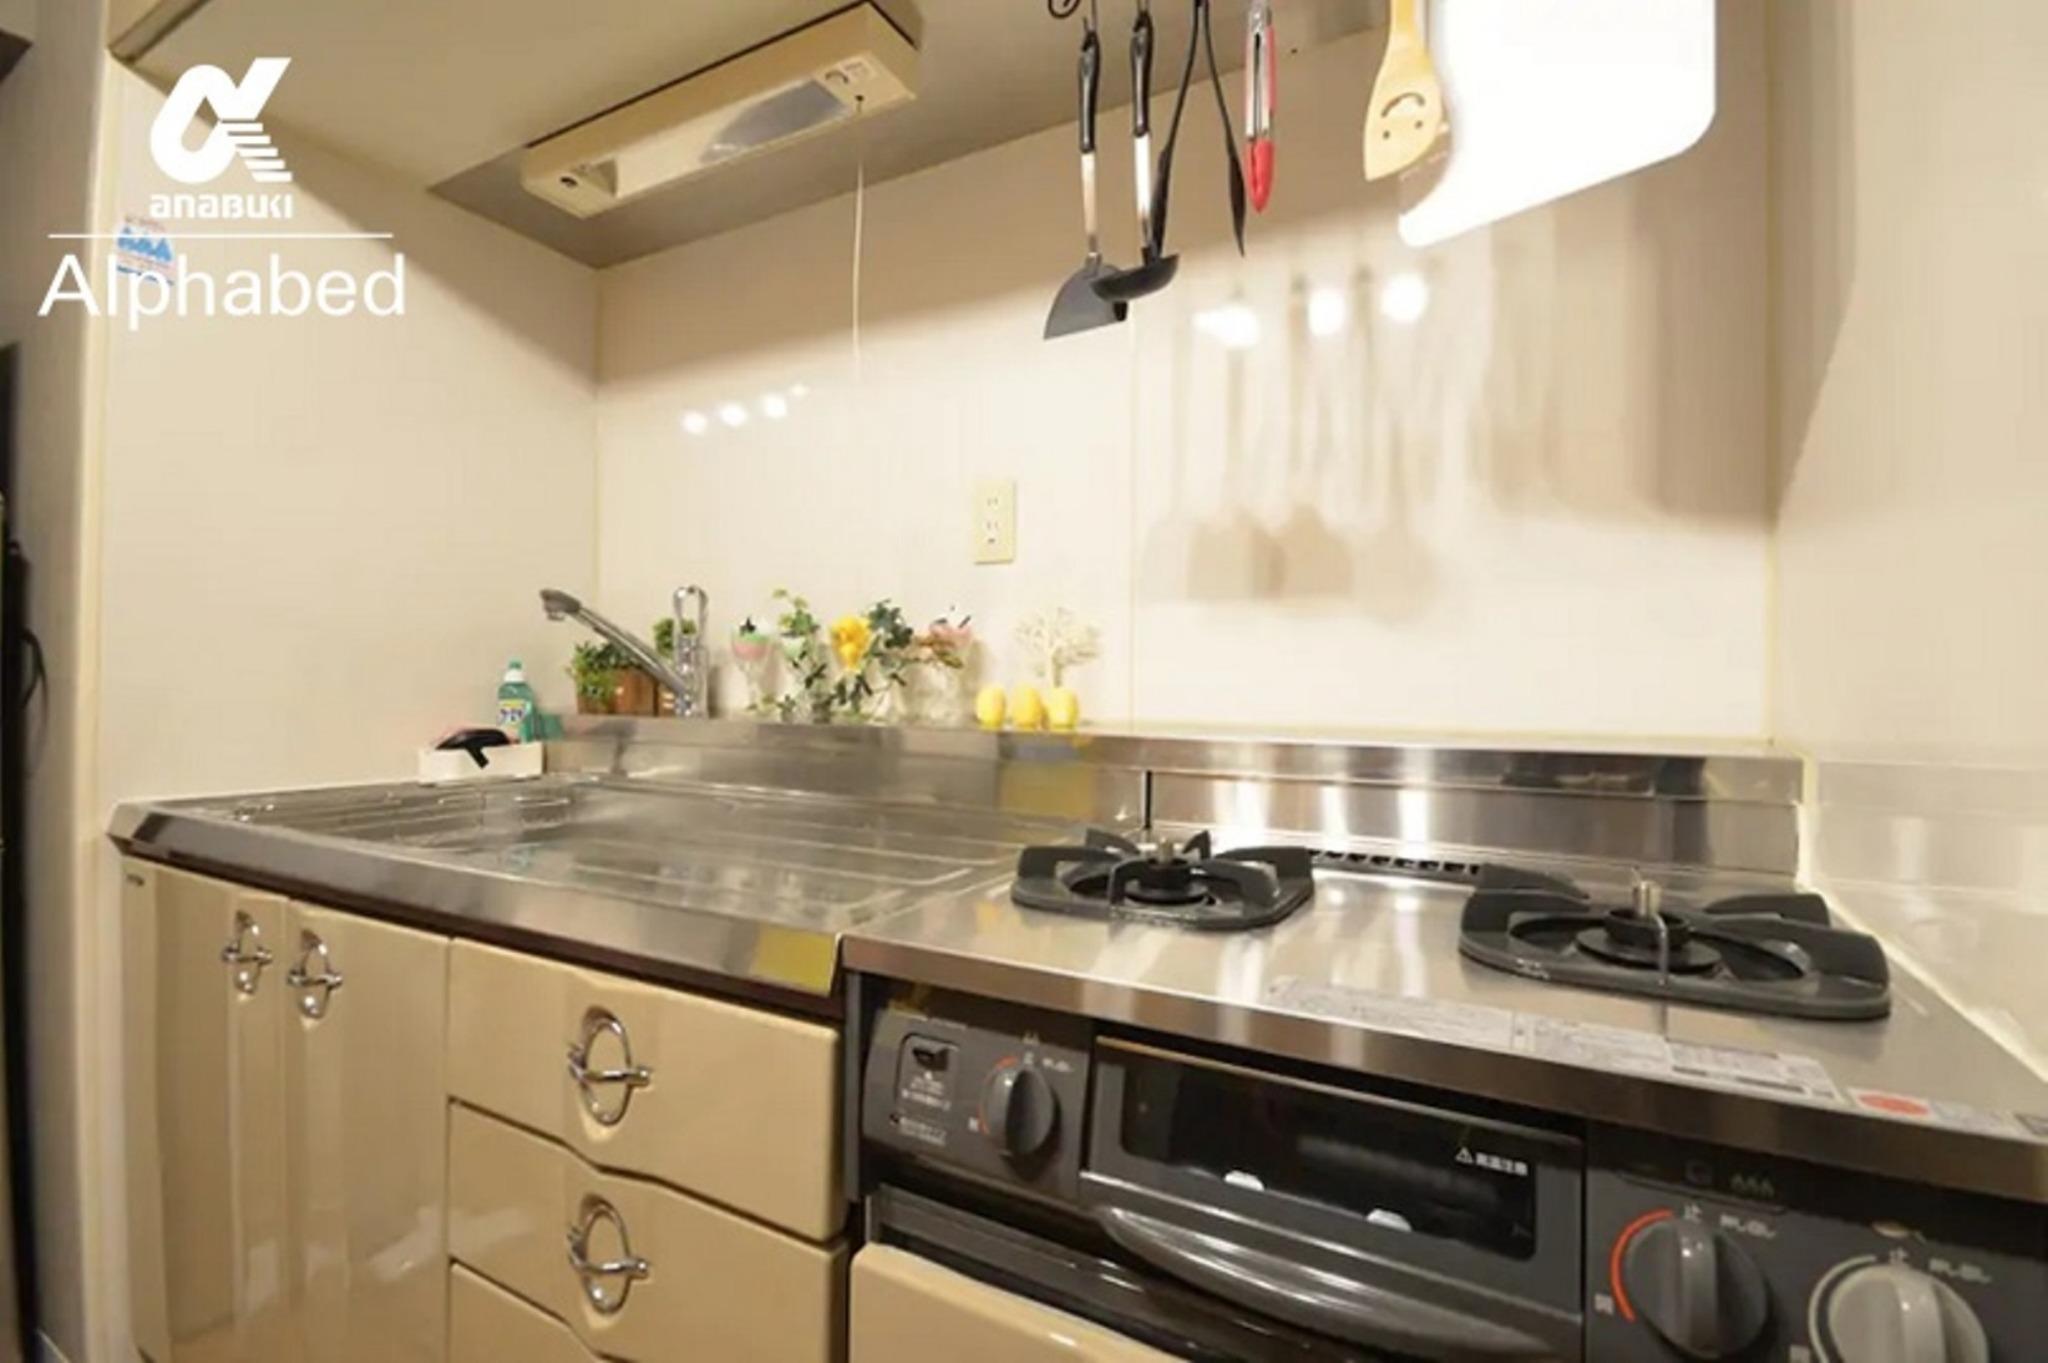 2口ガスコンロ付きの広いキッチン